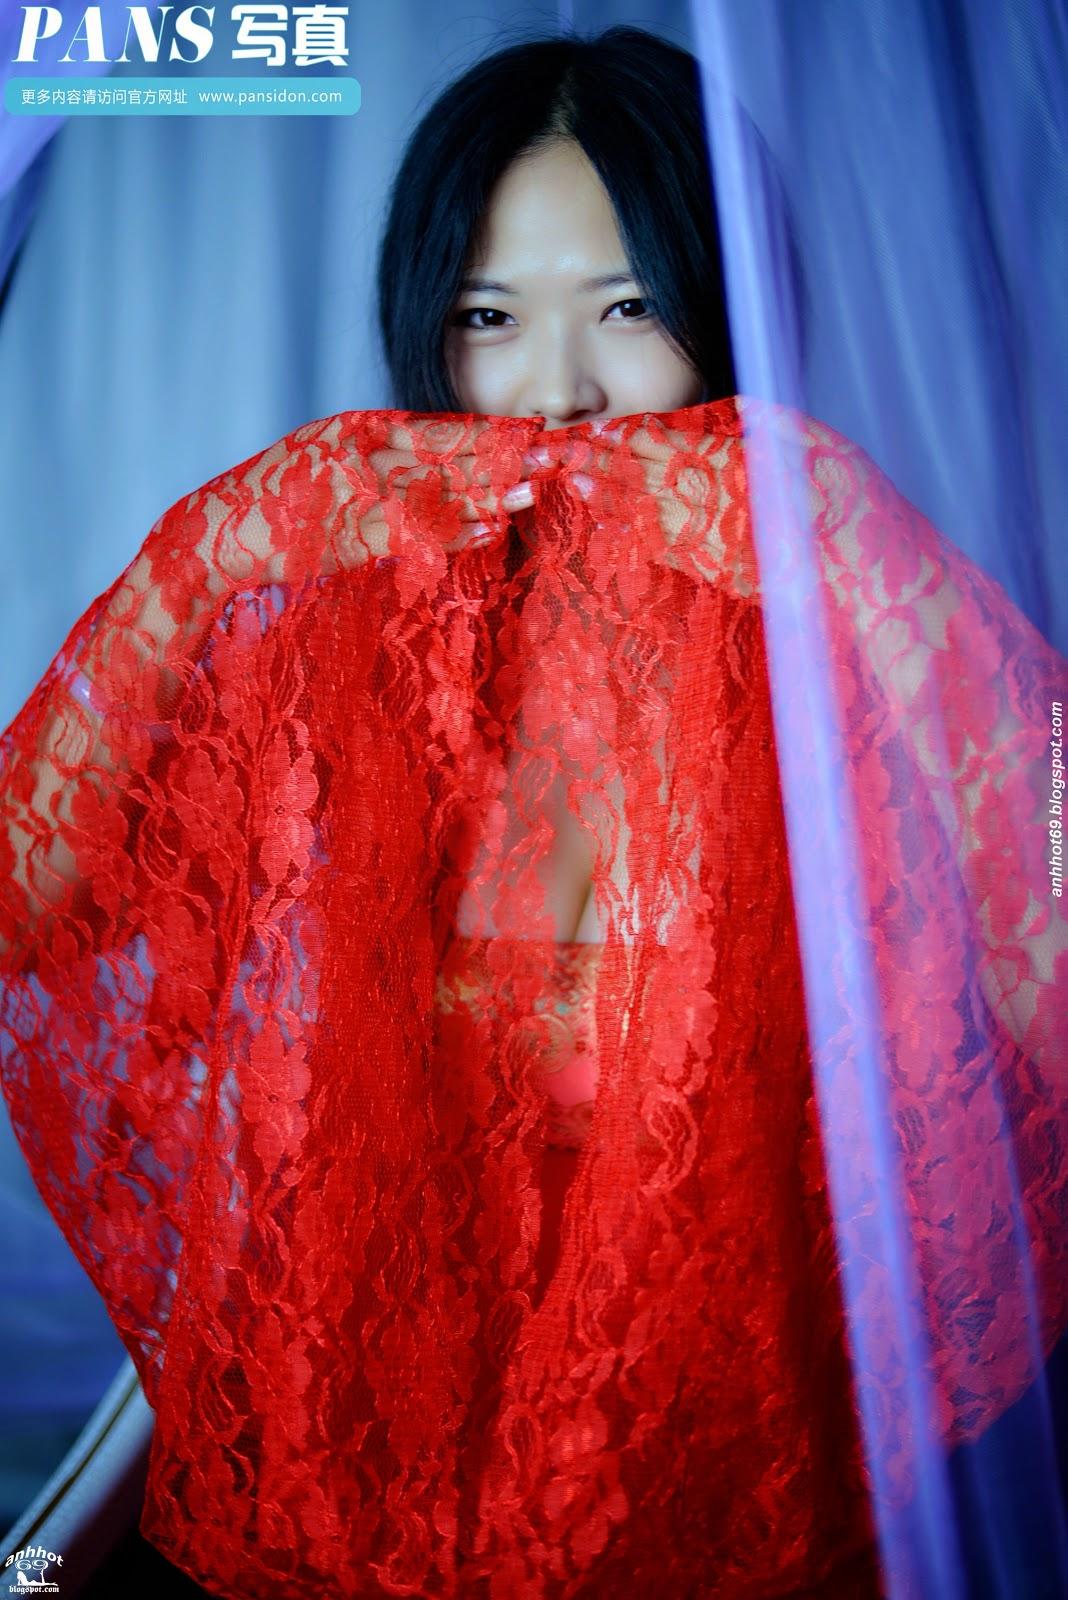 yuhan-pansidon-02851558